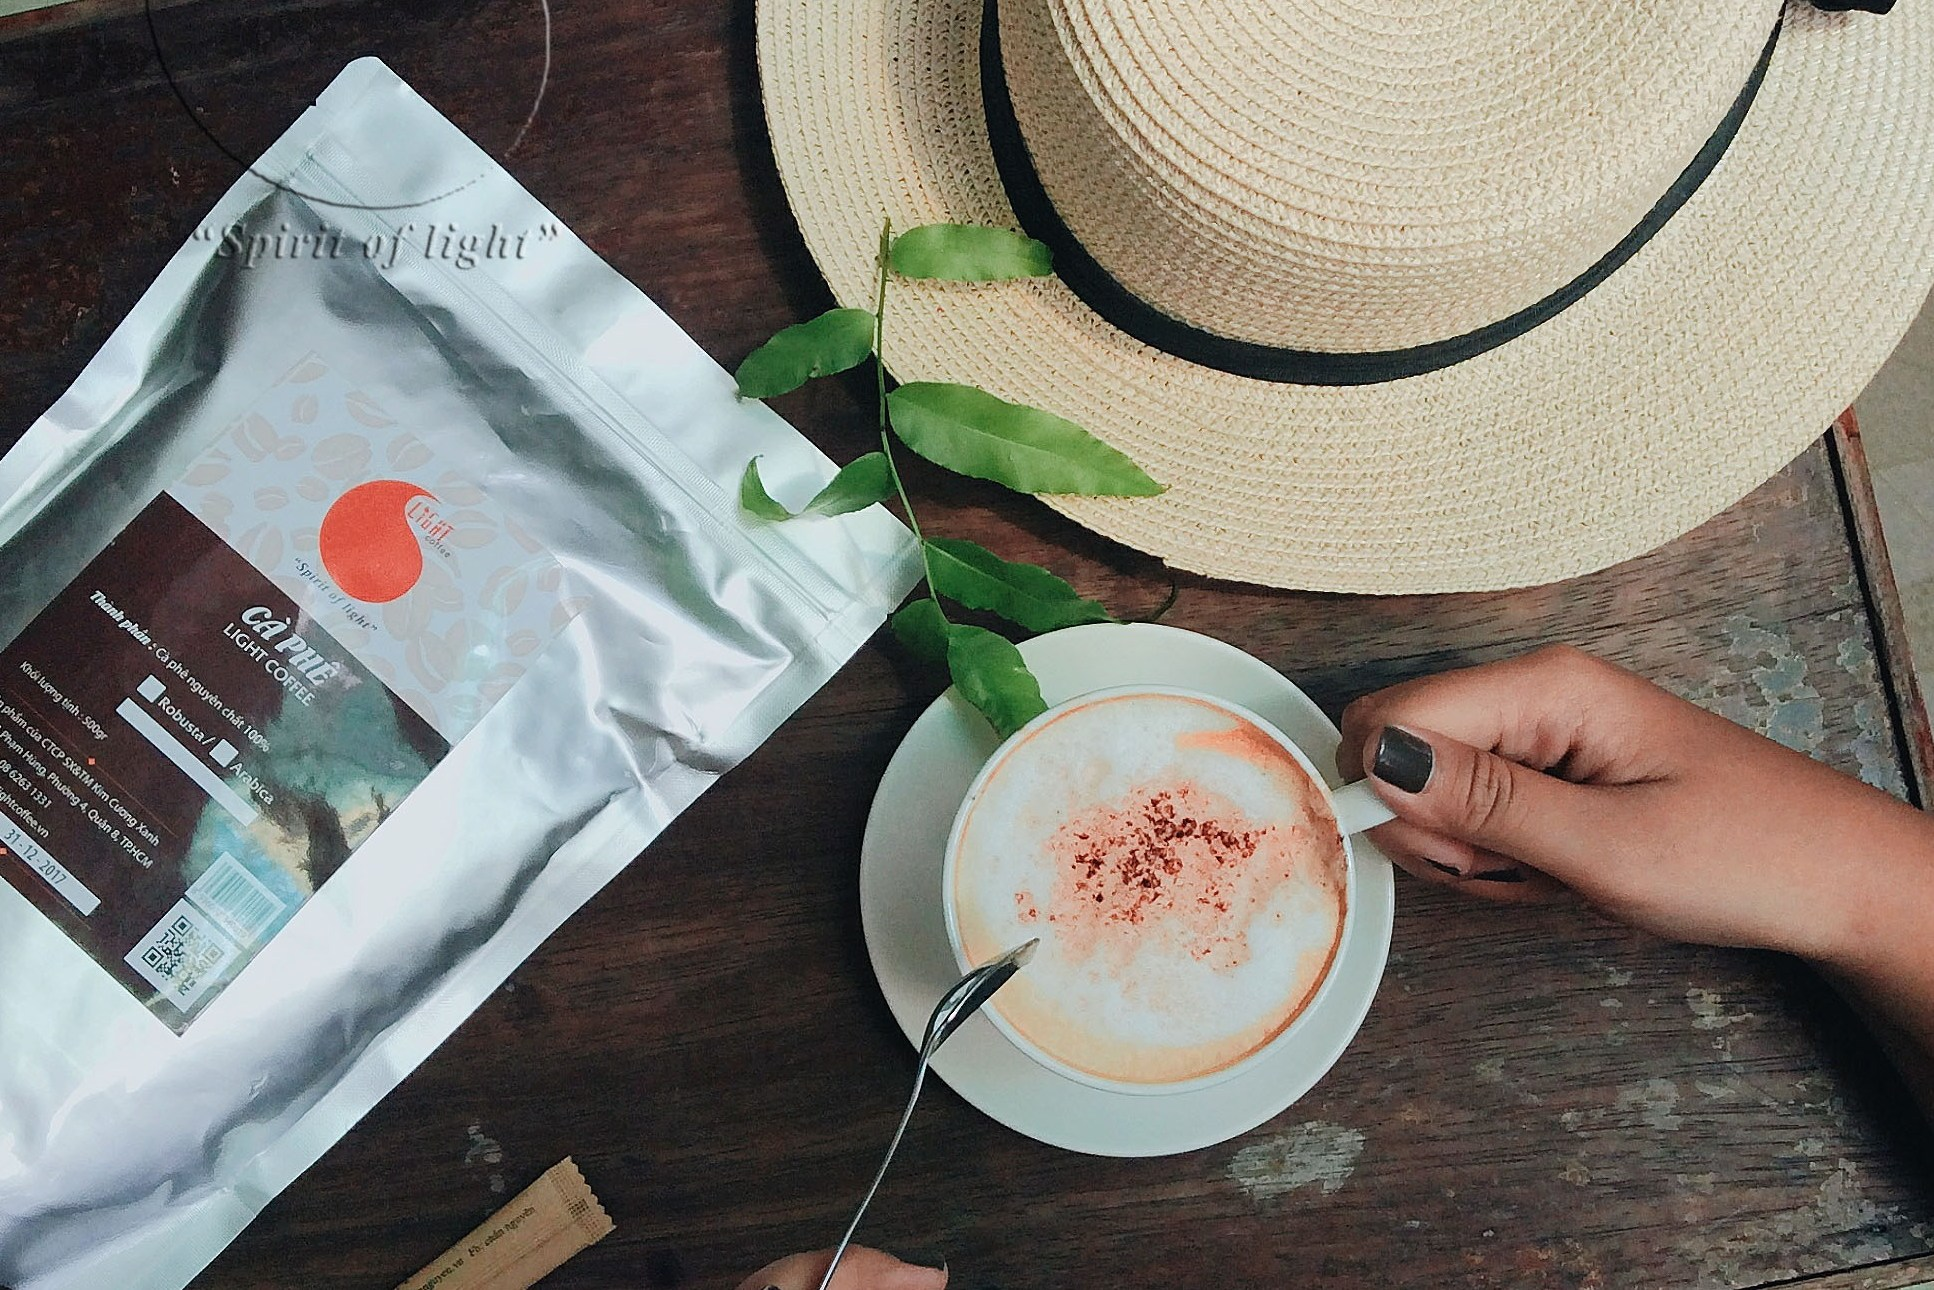 100g - Cà phê rang xay - Vị phối chuẩn - Light Coffee